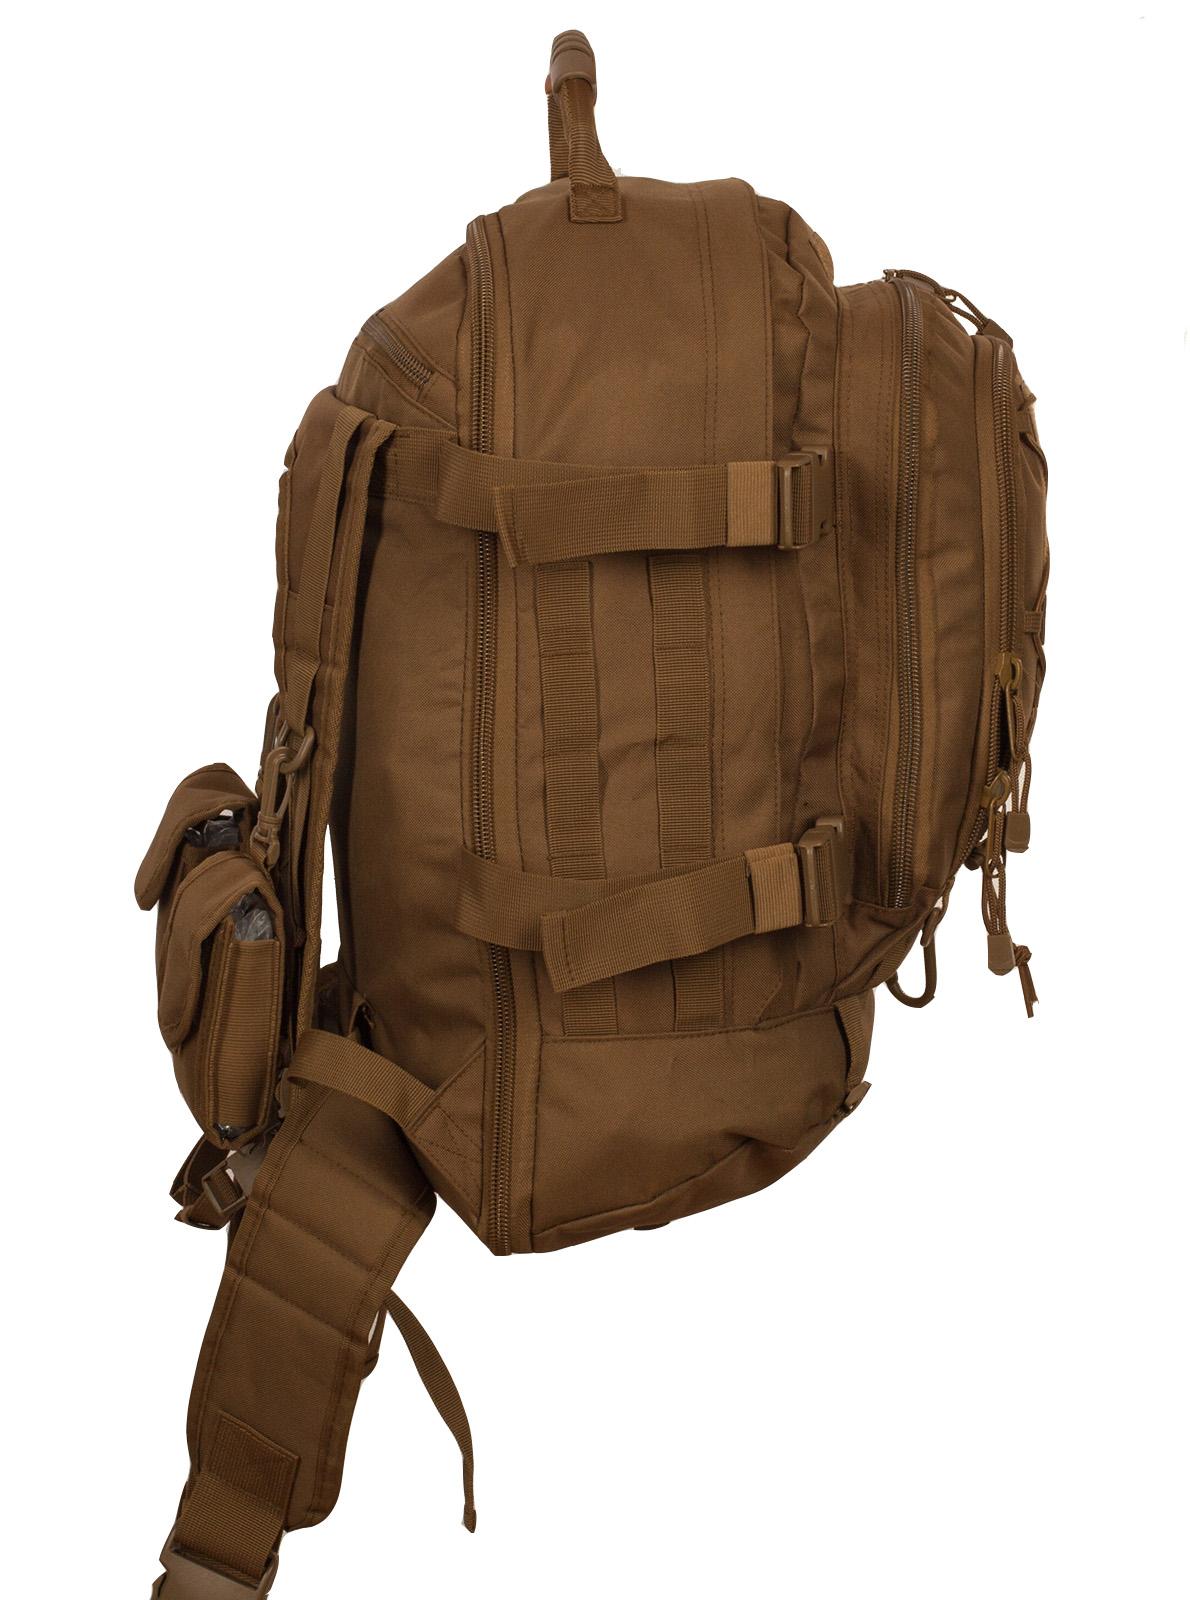 """Патрульный трехдневный рюкзак 3-Day Expandable Backpack 08002B Coyote с эмблемой """"Россия"""" оптом в Военпро оптом в Военпро"""